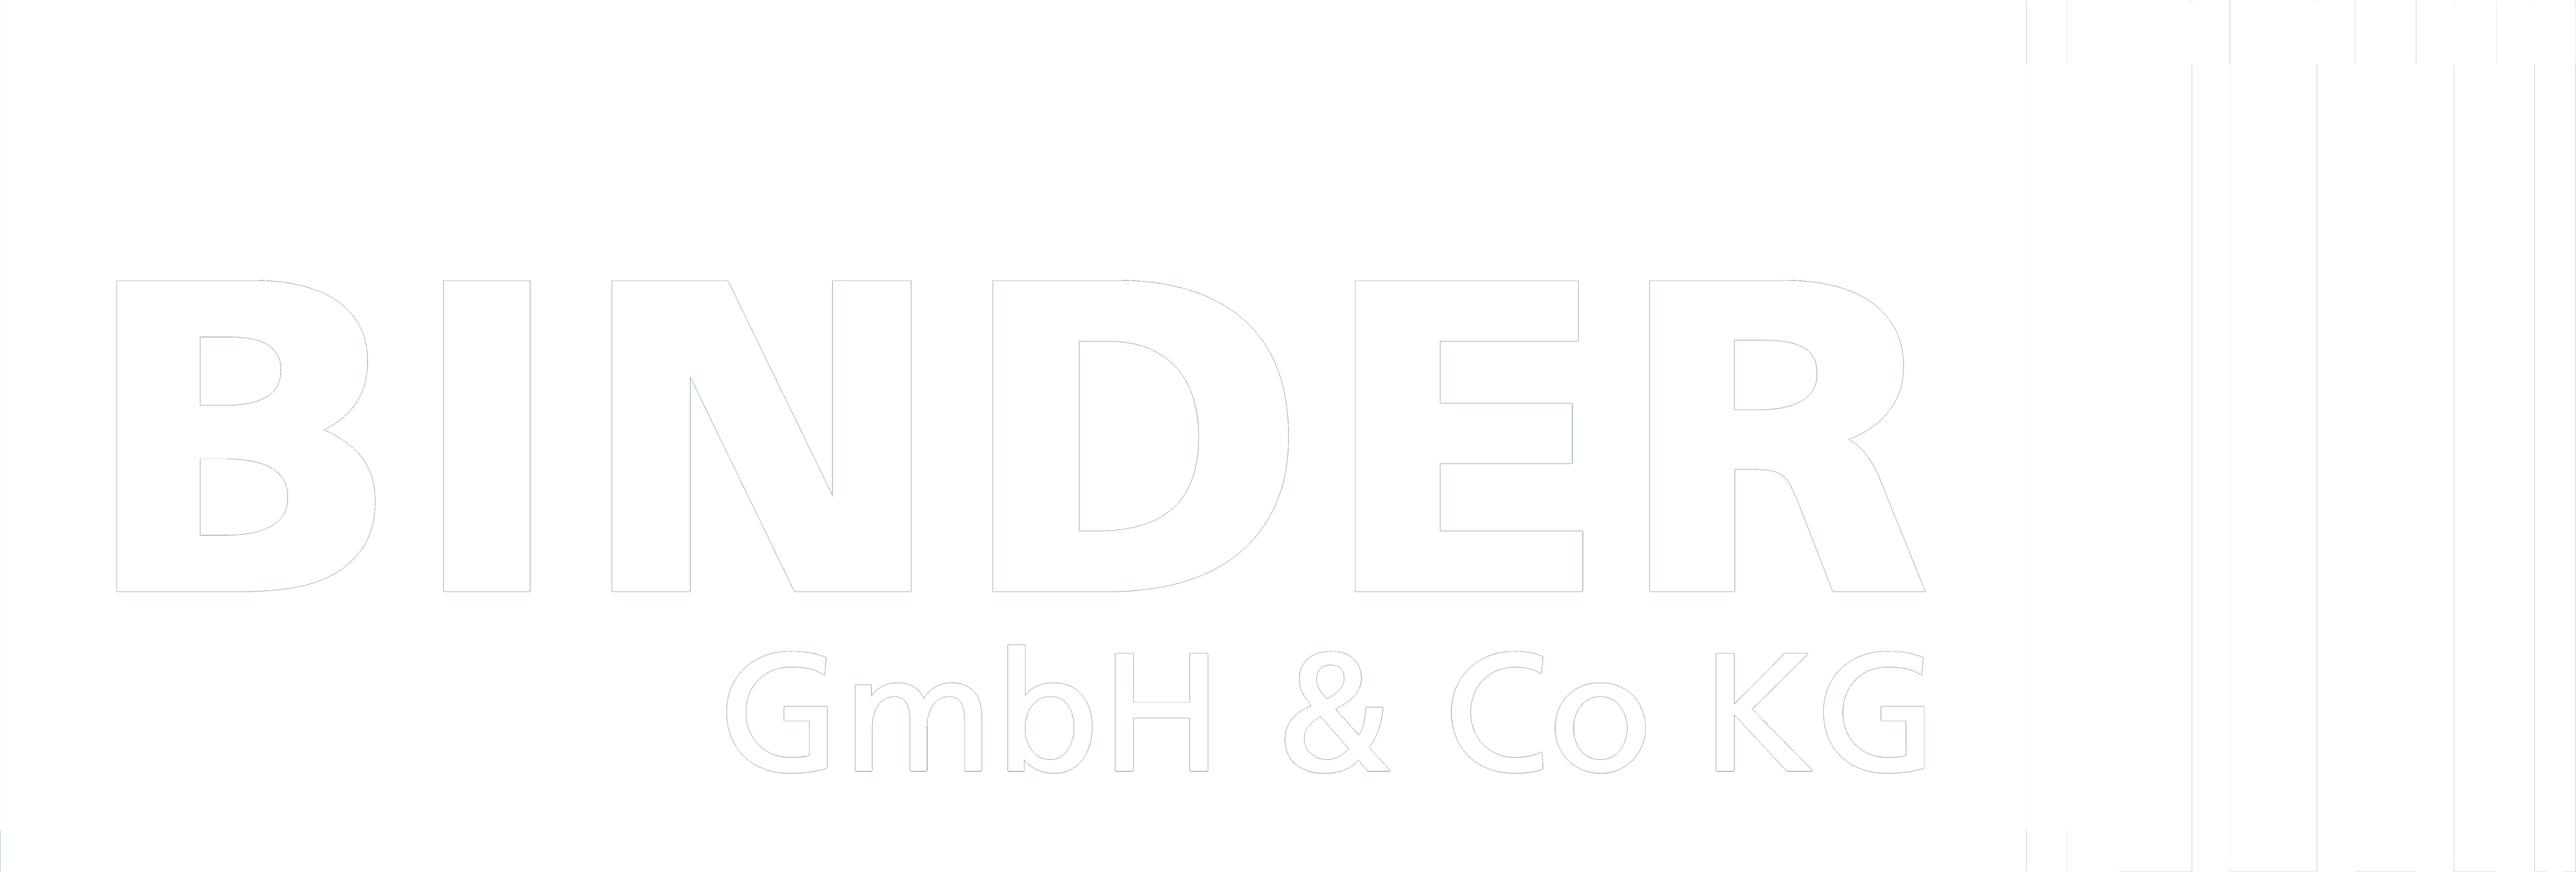 Mühlenbau Binder & BMKE Metalltechnik